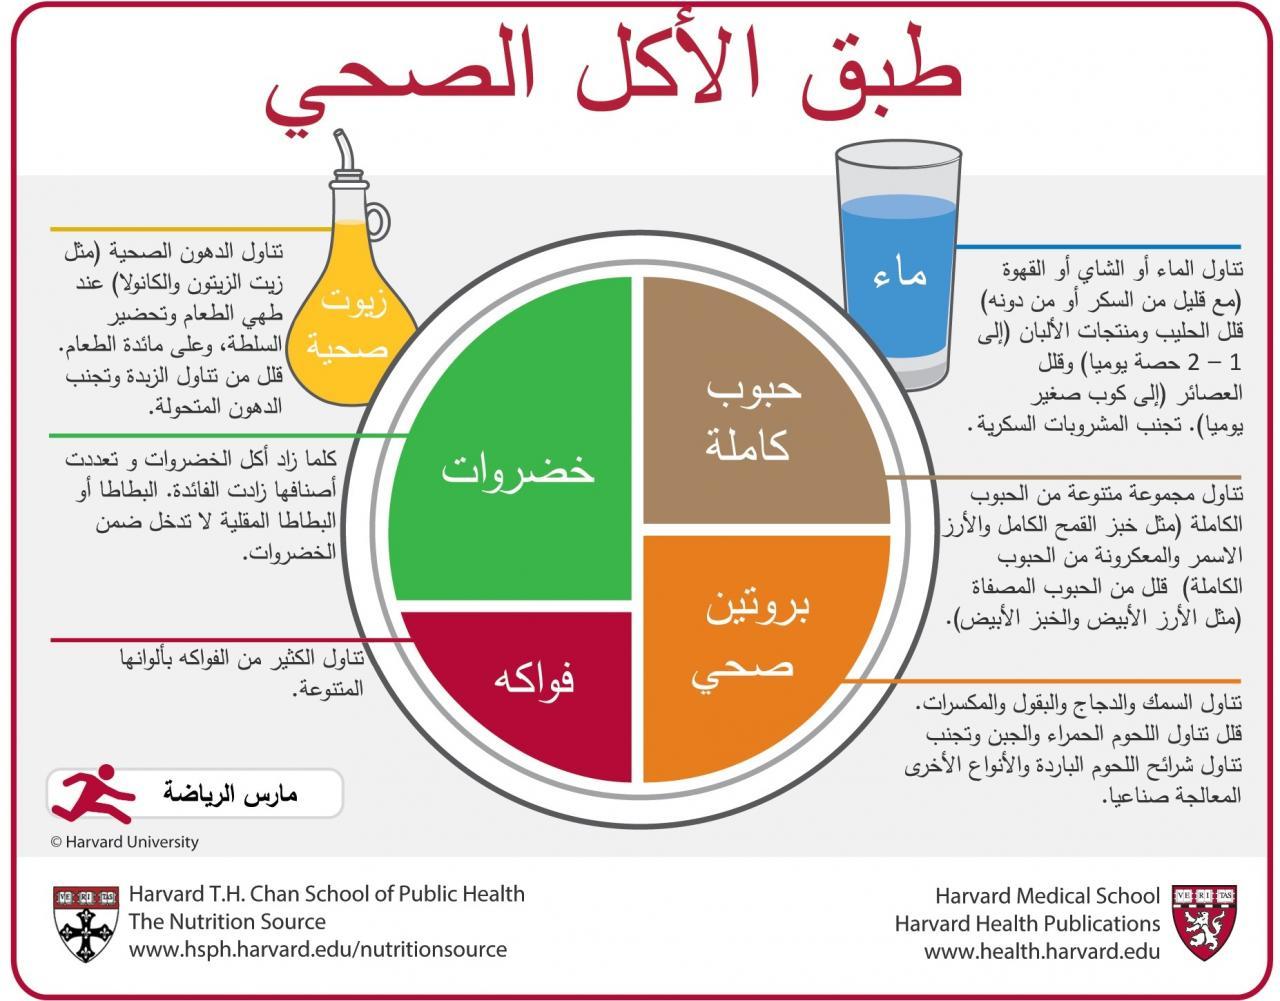 صورة مطوية عن الغذاء الصحي, اهم المعلومات عن الغذاء الصحي